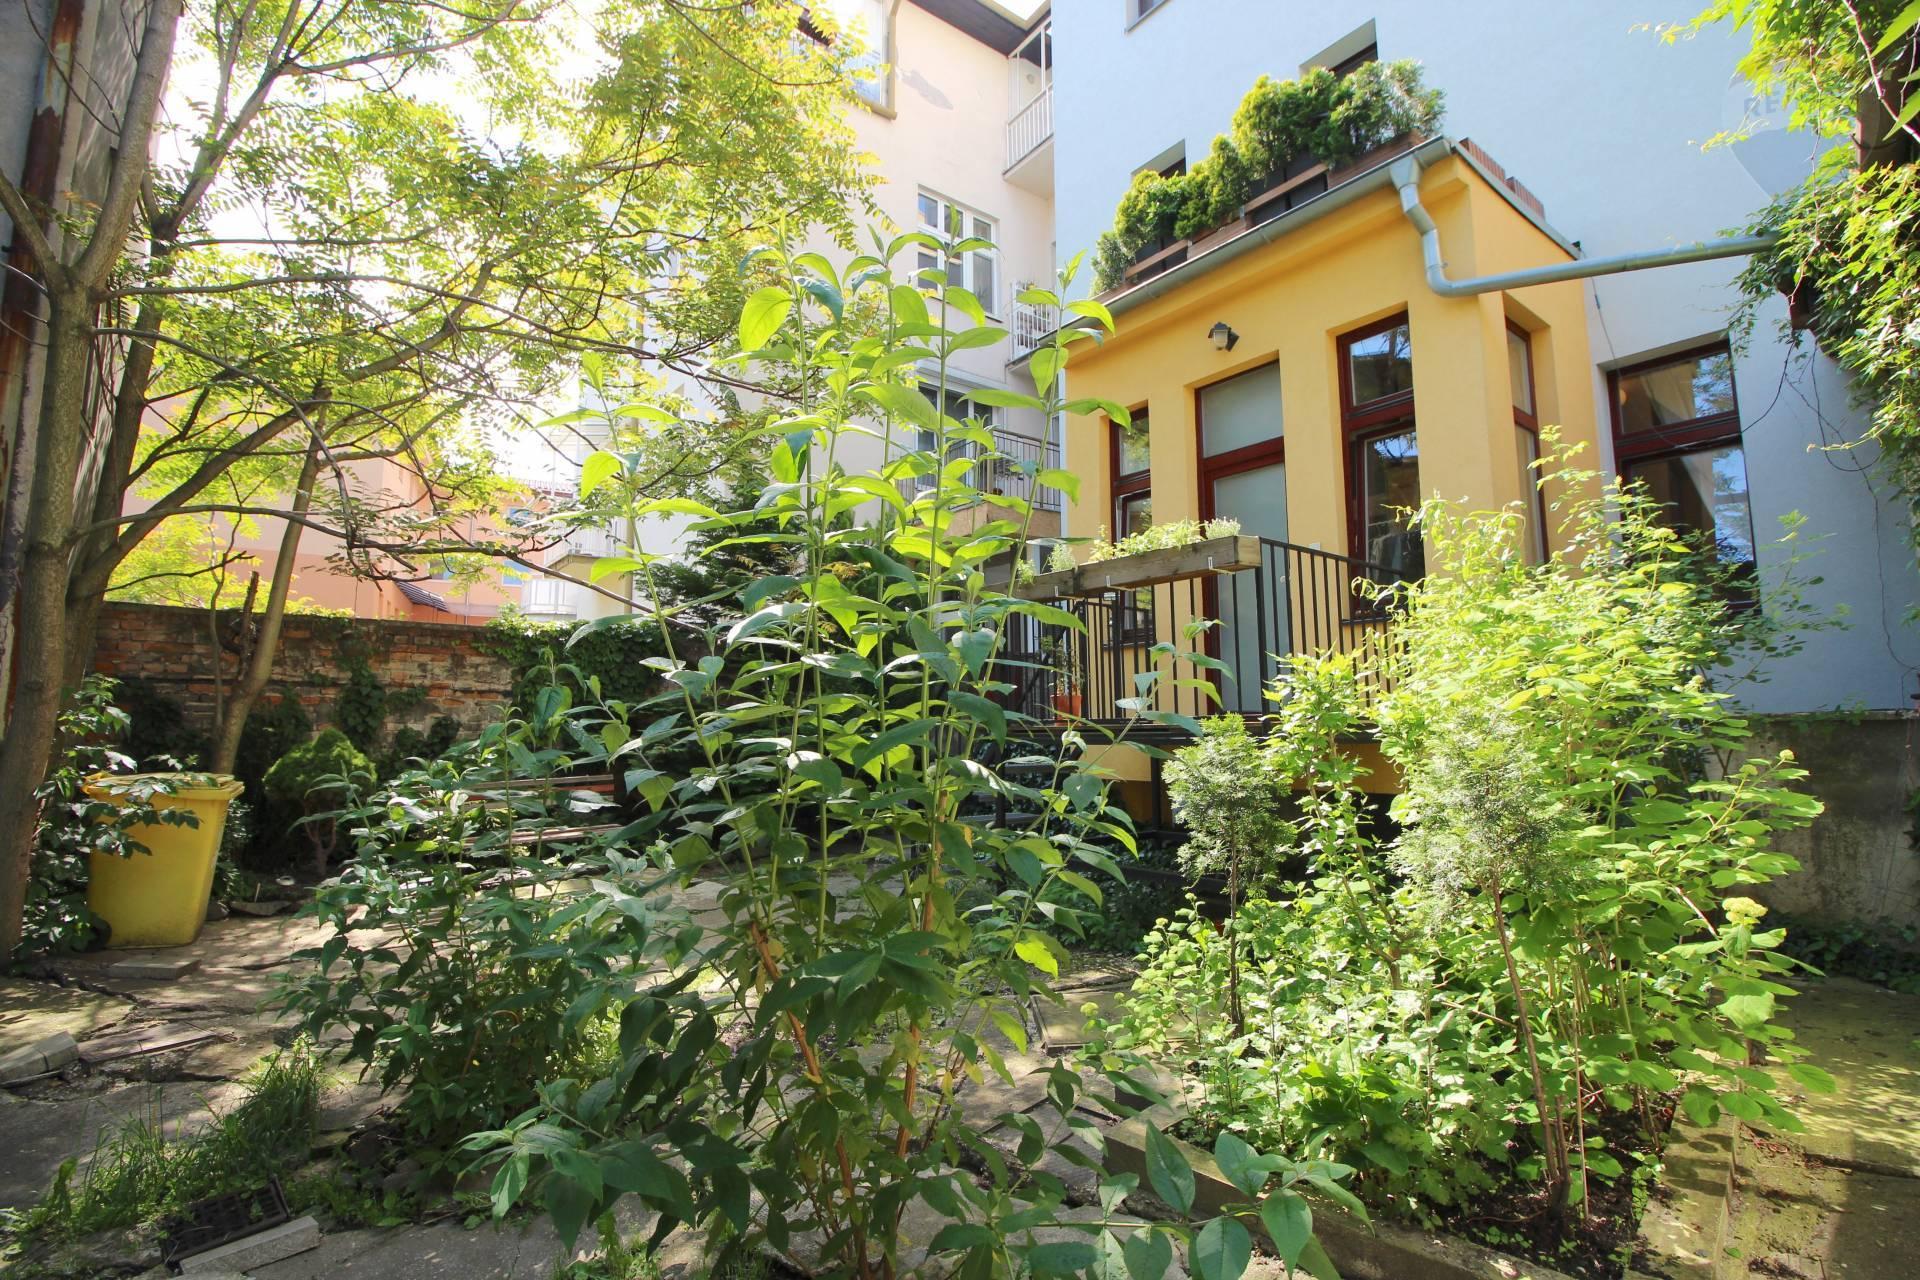 Na predaj pekný 1 izbový byt orientovaný do dvora v Starom meste.